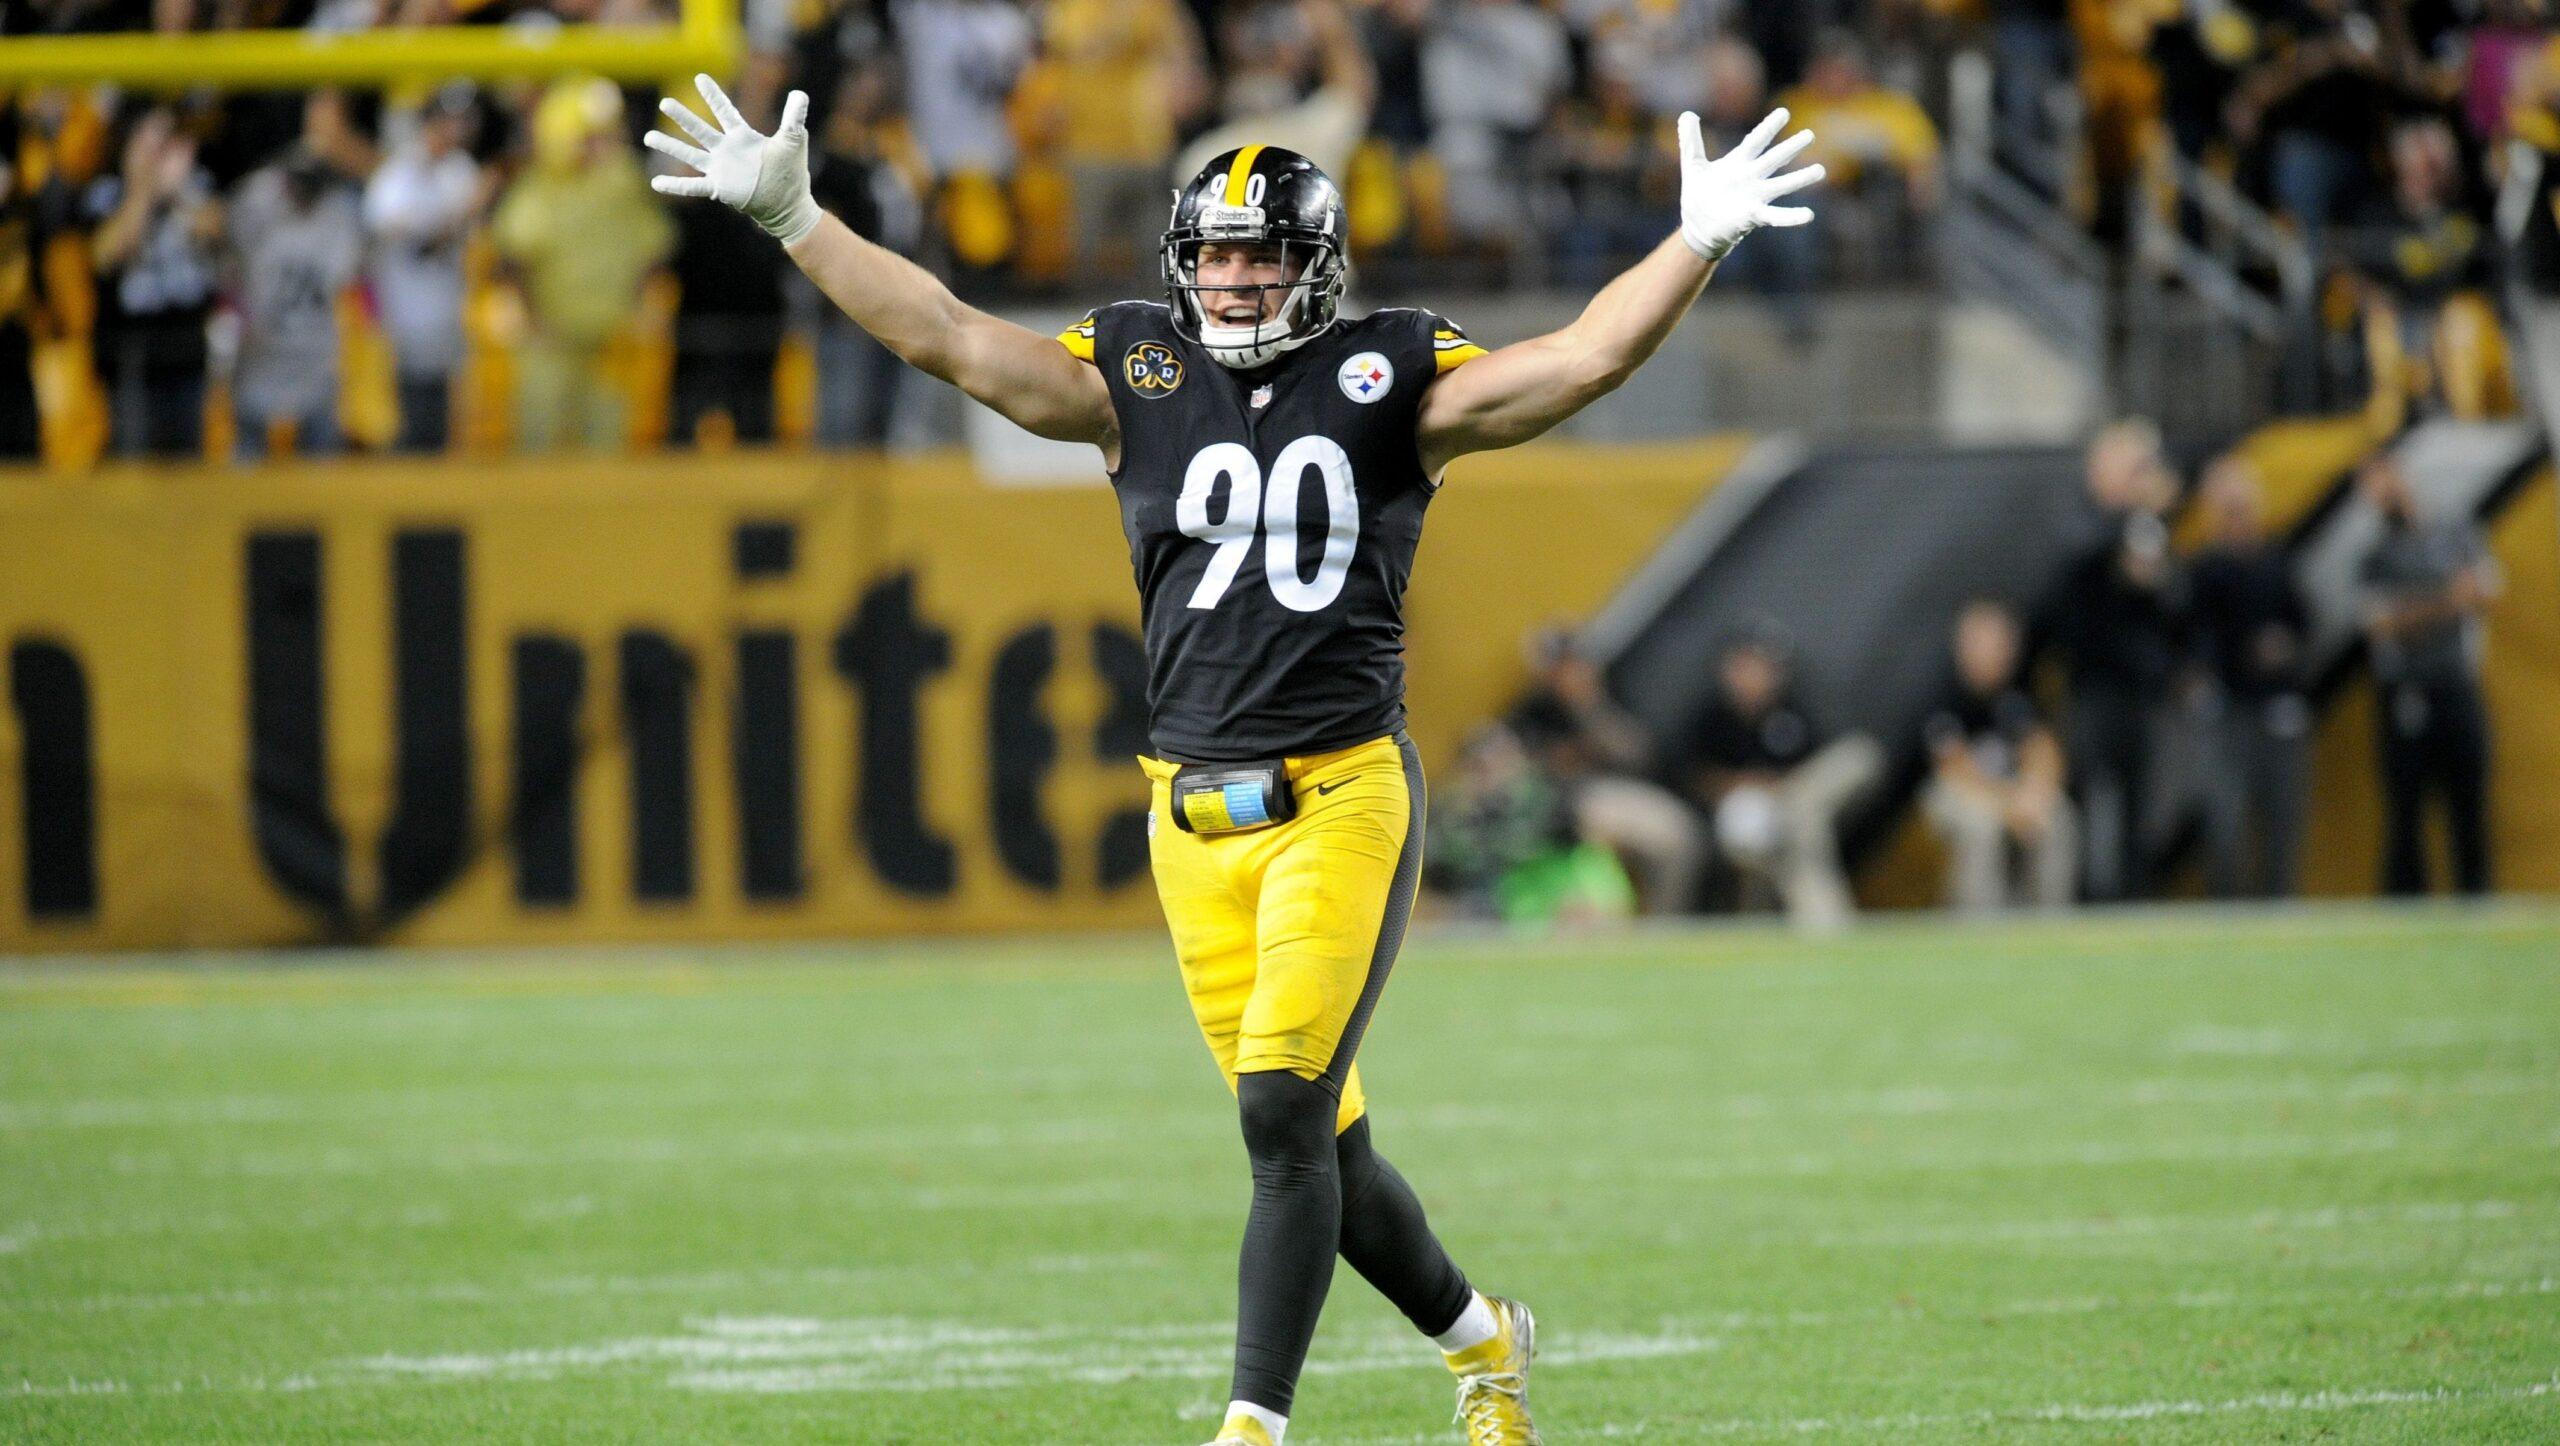 דירוג שחקני ה-NFL של 2019: עשרת מגני הקצה הטובים בליגה